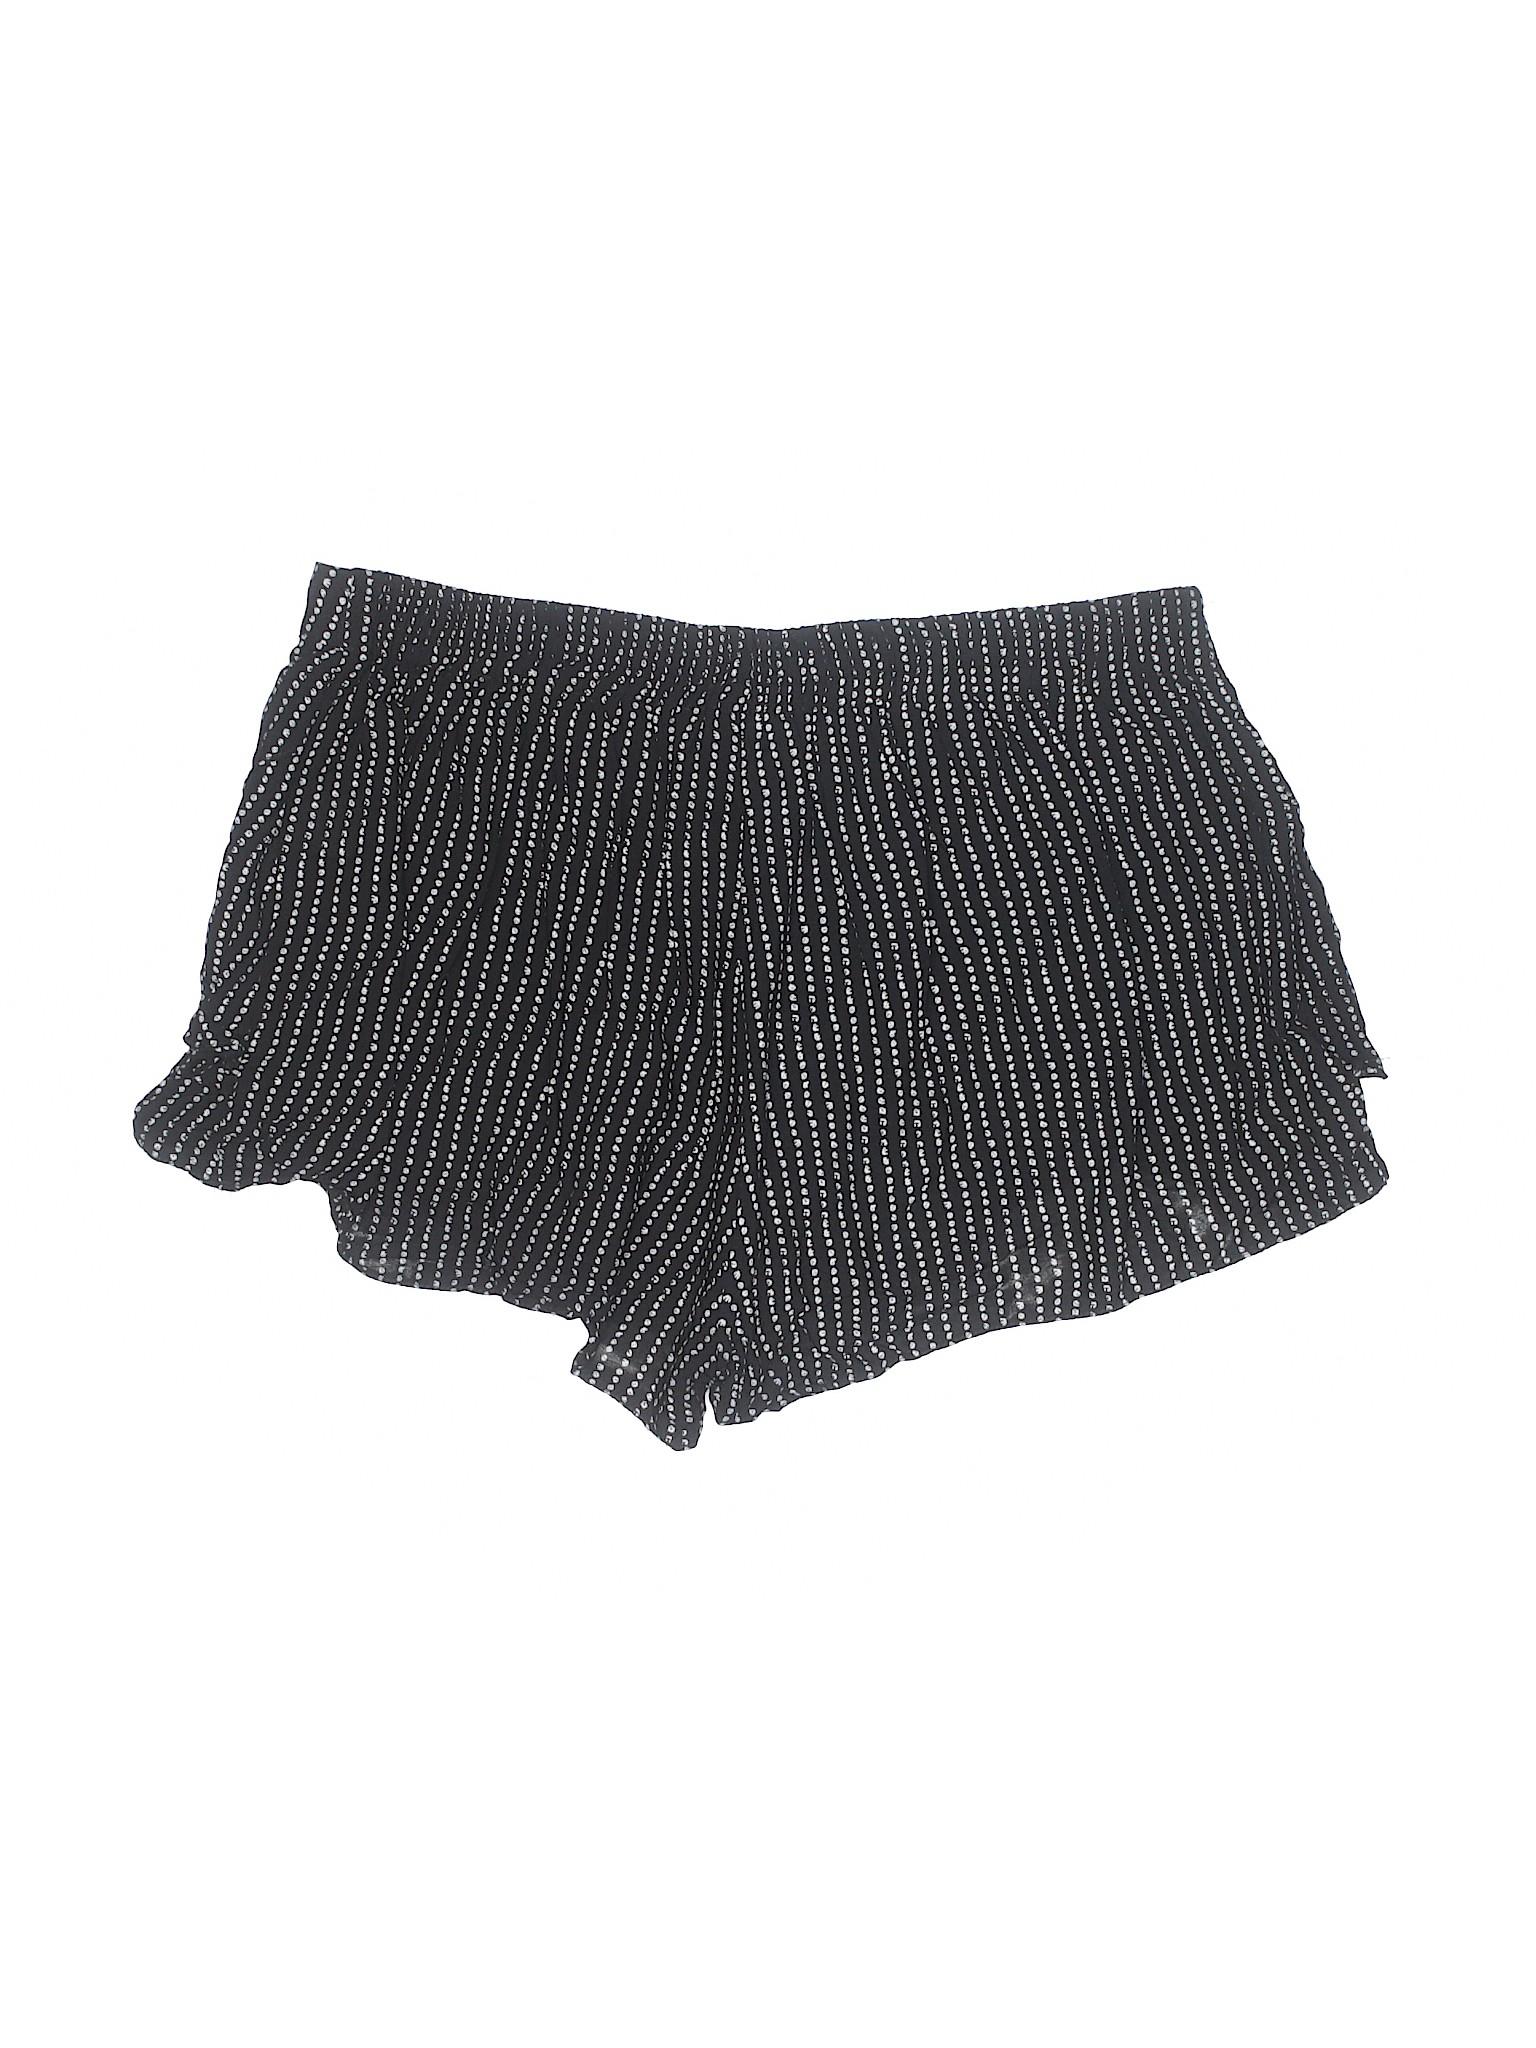 Shorts Creme Boutique En Creme En En Boutique Boutique Creme Shorts wxAz6O1